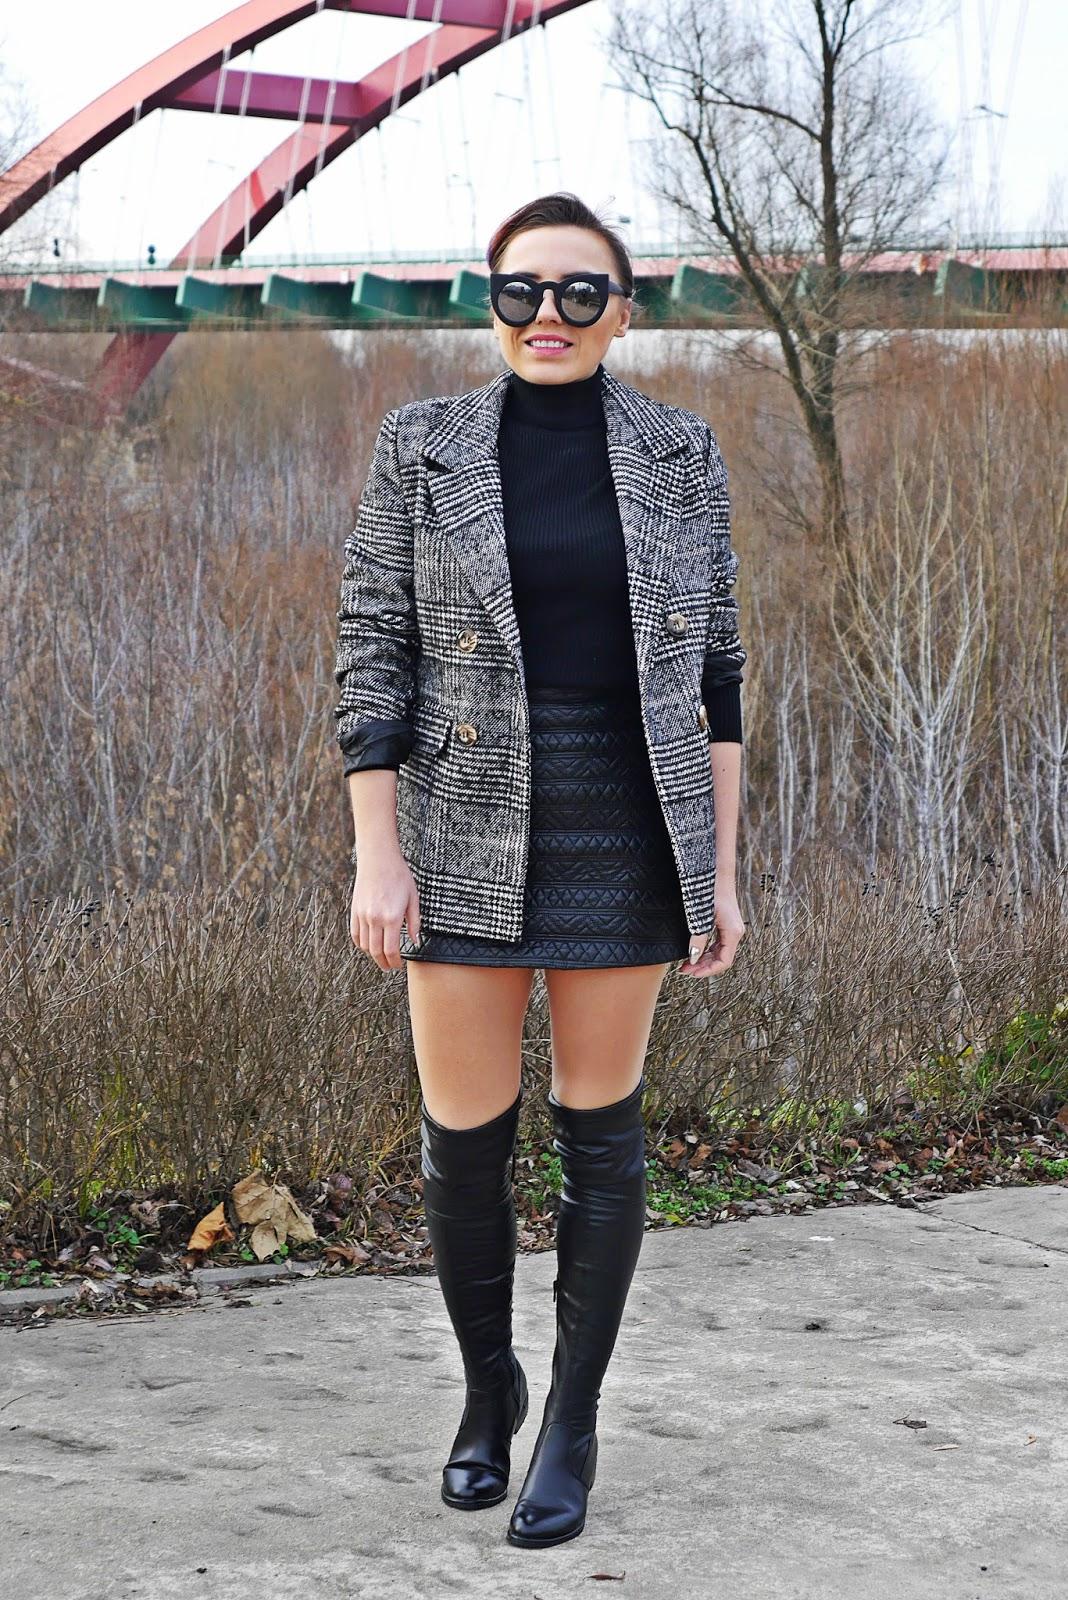 1_plaid_jacket_turtleneck_sweater_kozaki_renee_karyn_blog_modowy_030117a